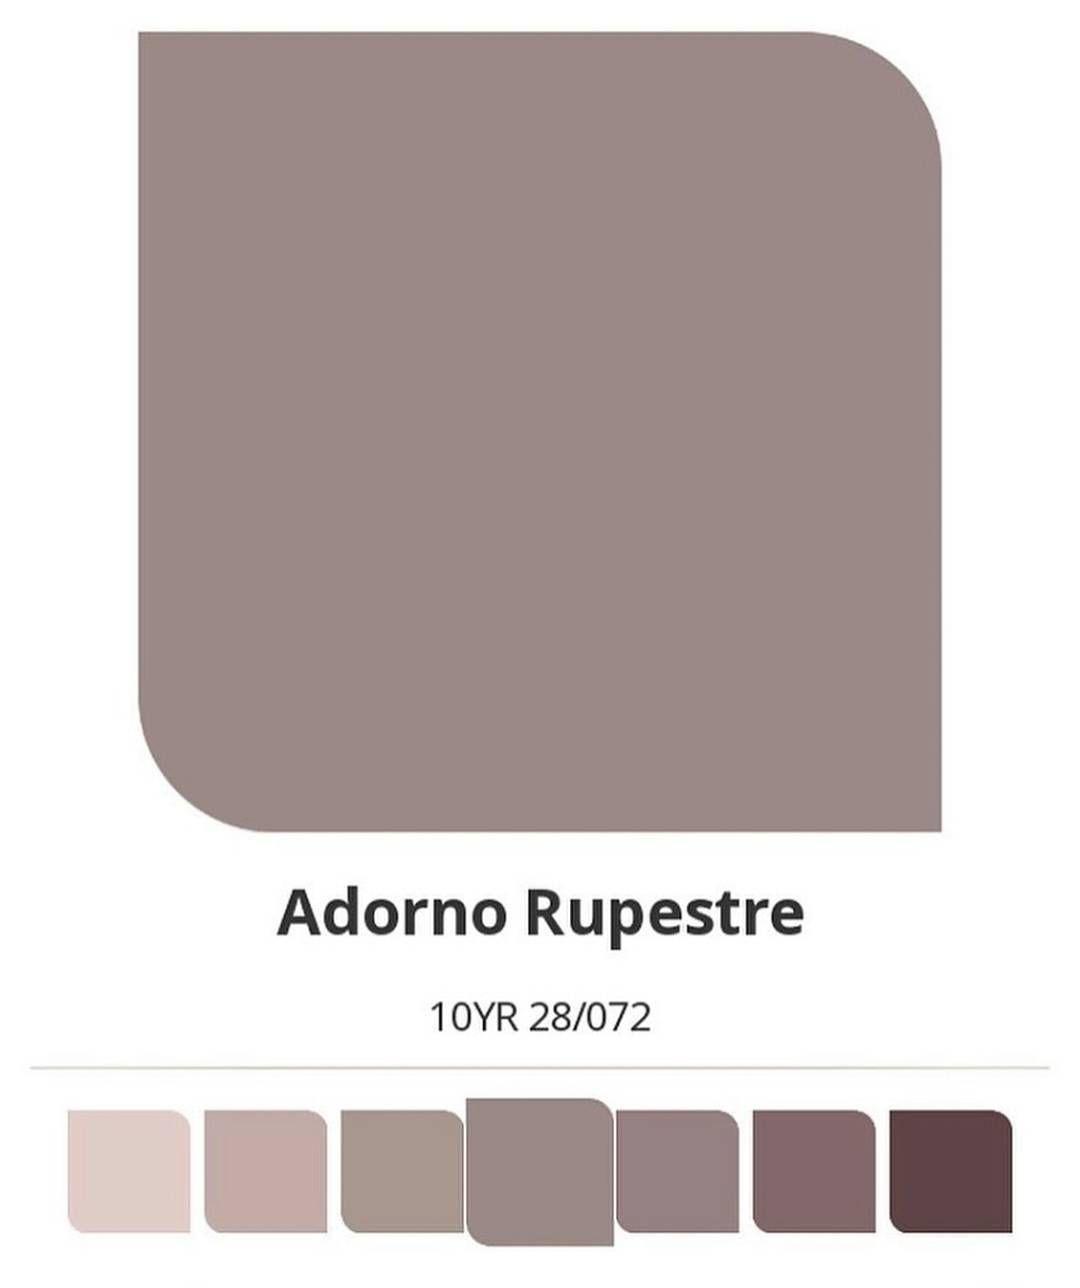 Tabela de cores lukscolor 2019